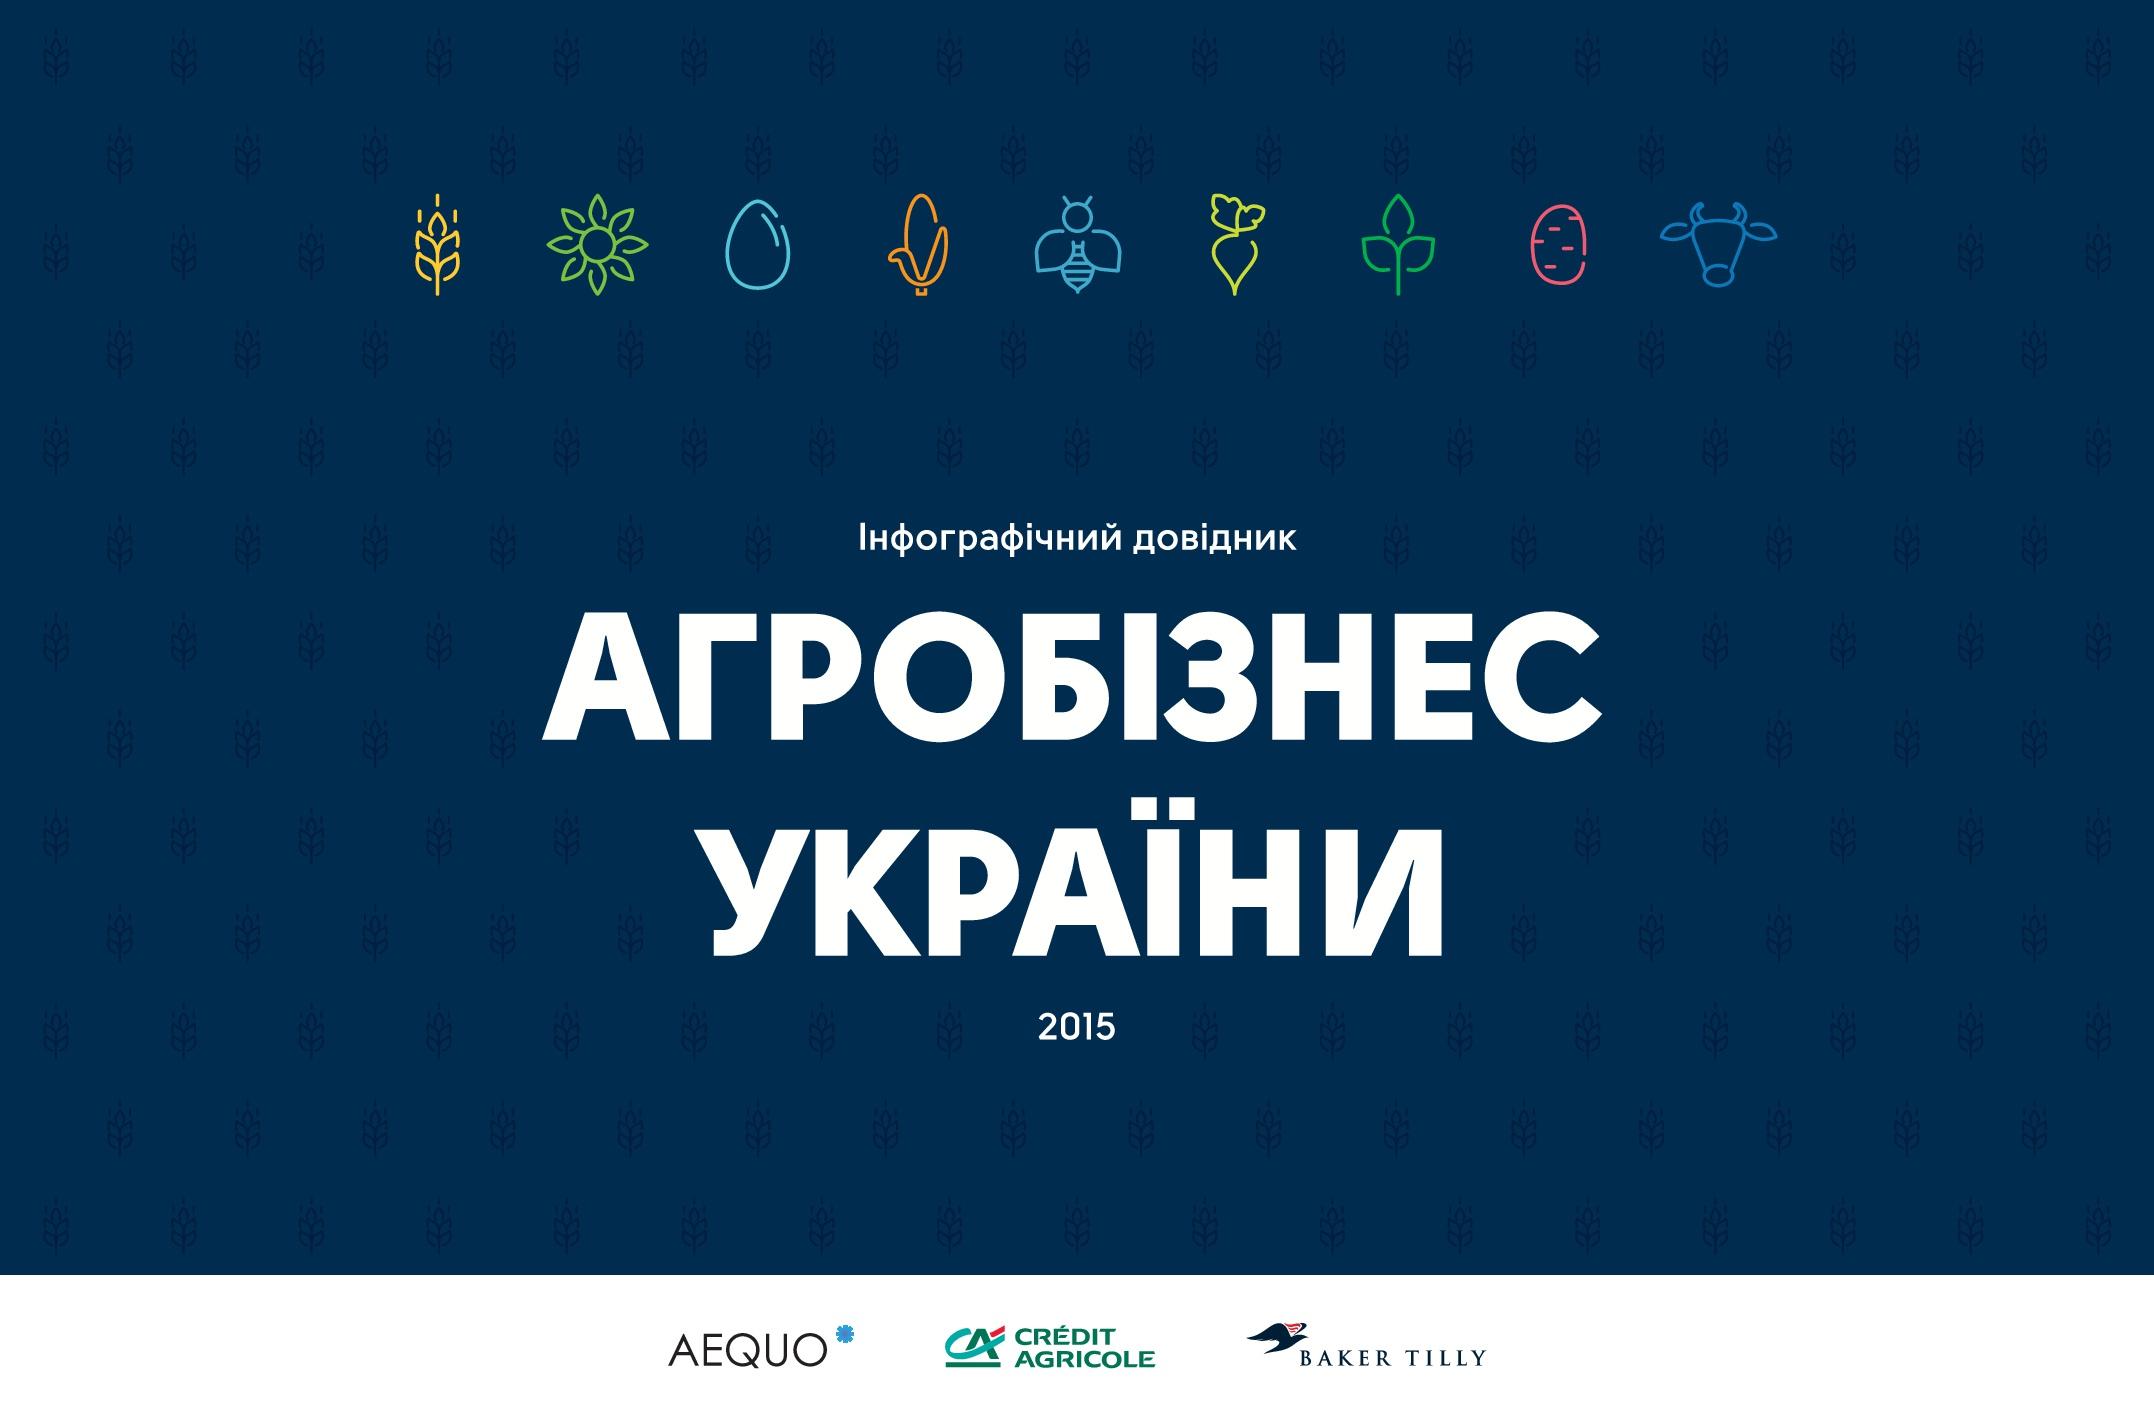 Агробізнес України в 2015 року